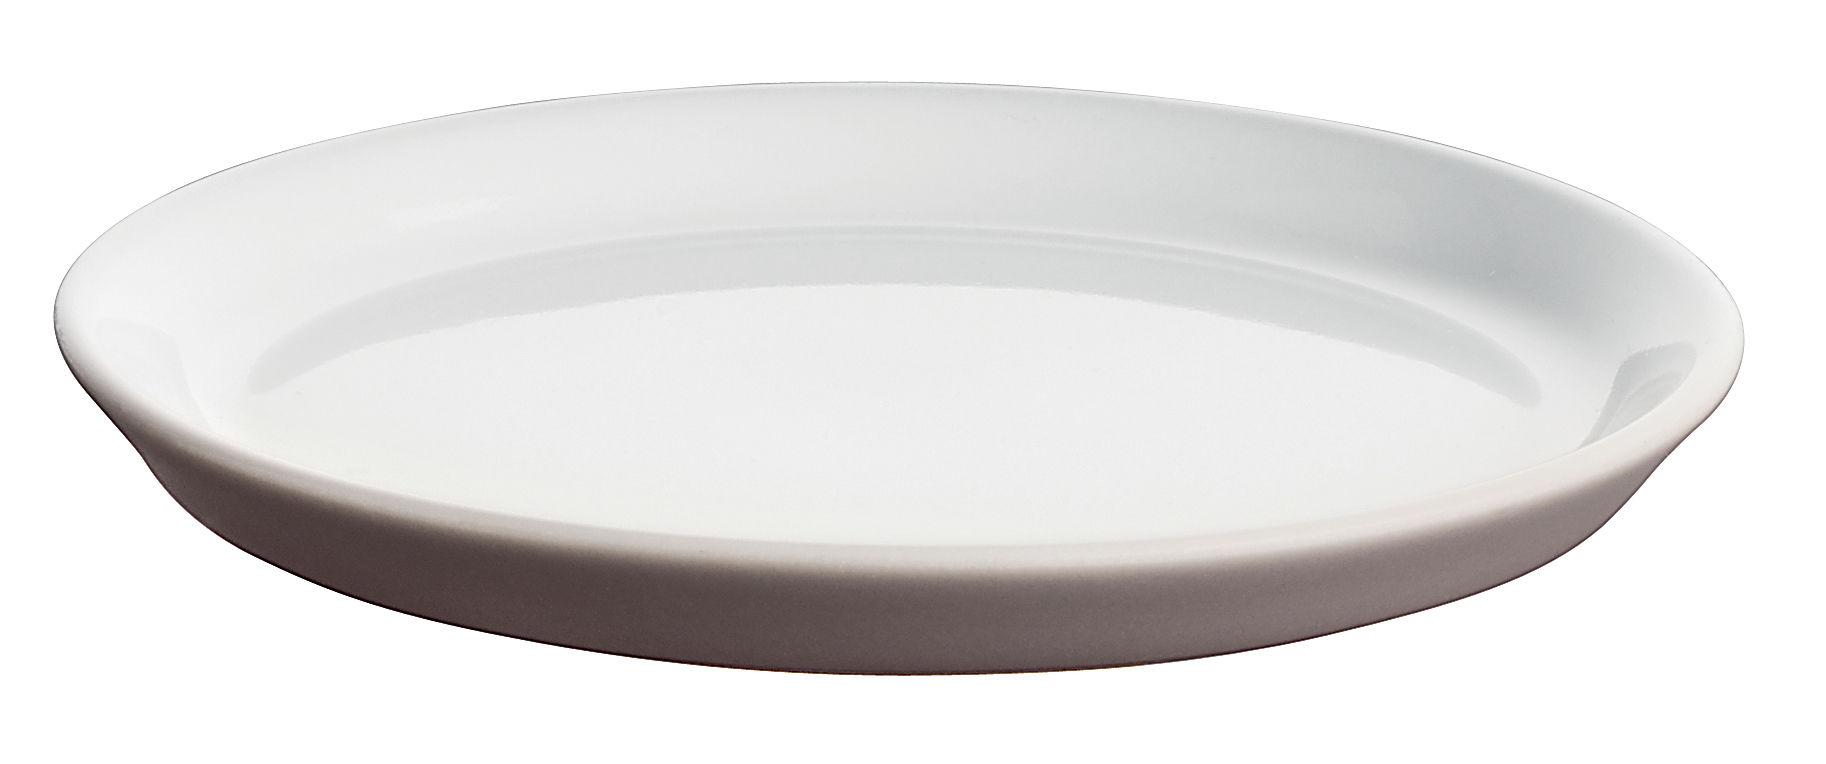 Tavola - Tazze e Boccali - Piattino sottotazza - Per bicchierino da caffé Tonale di Alessi - Talpa / interno bianco - Ceramica stoneware